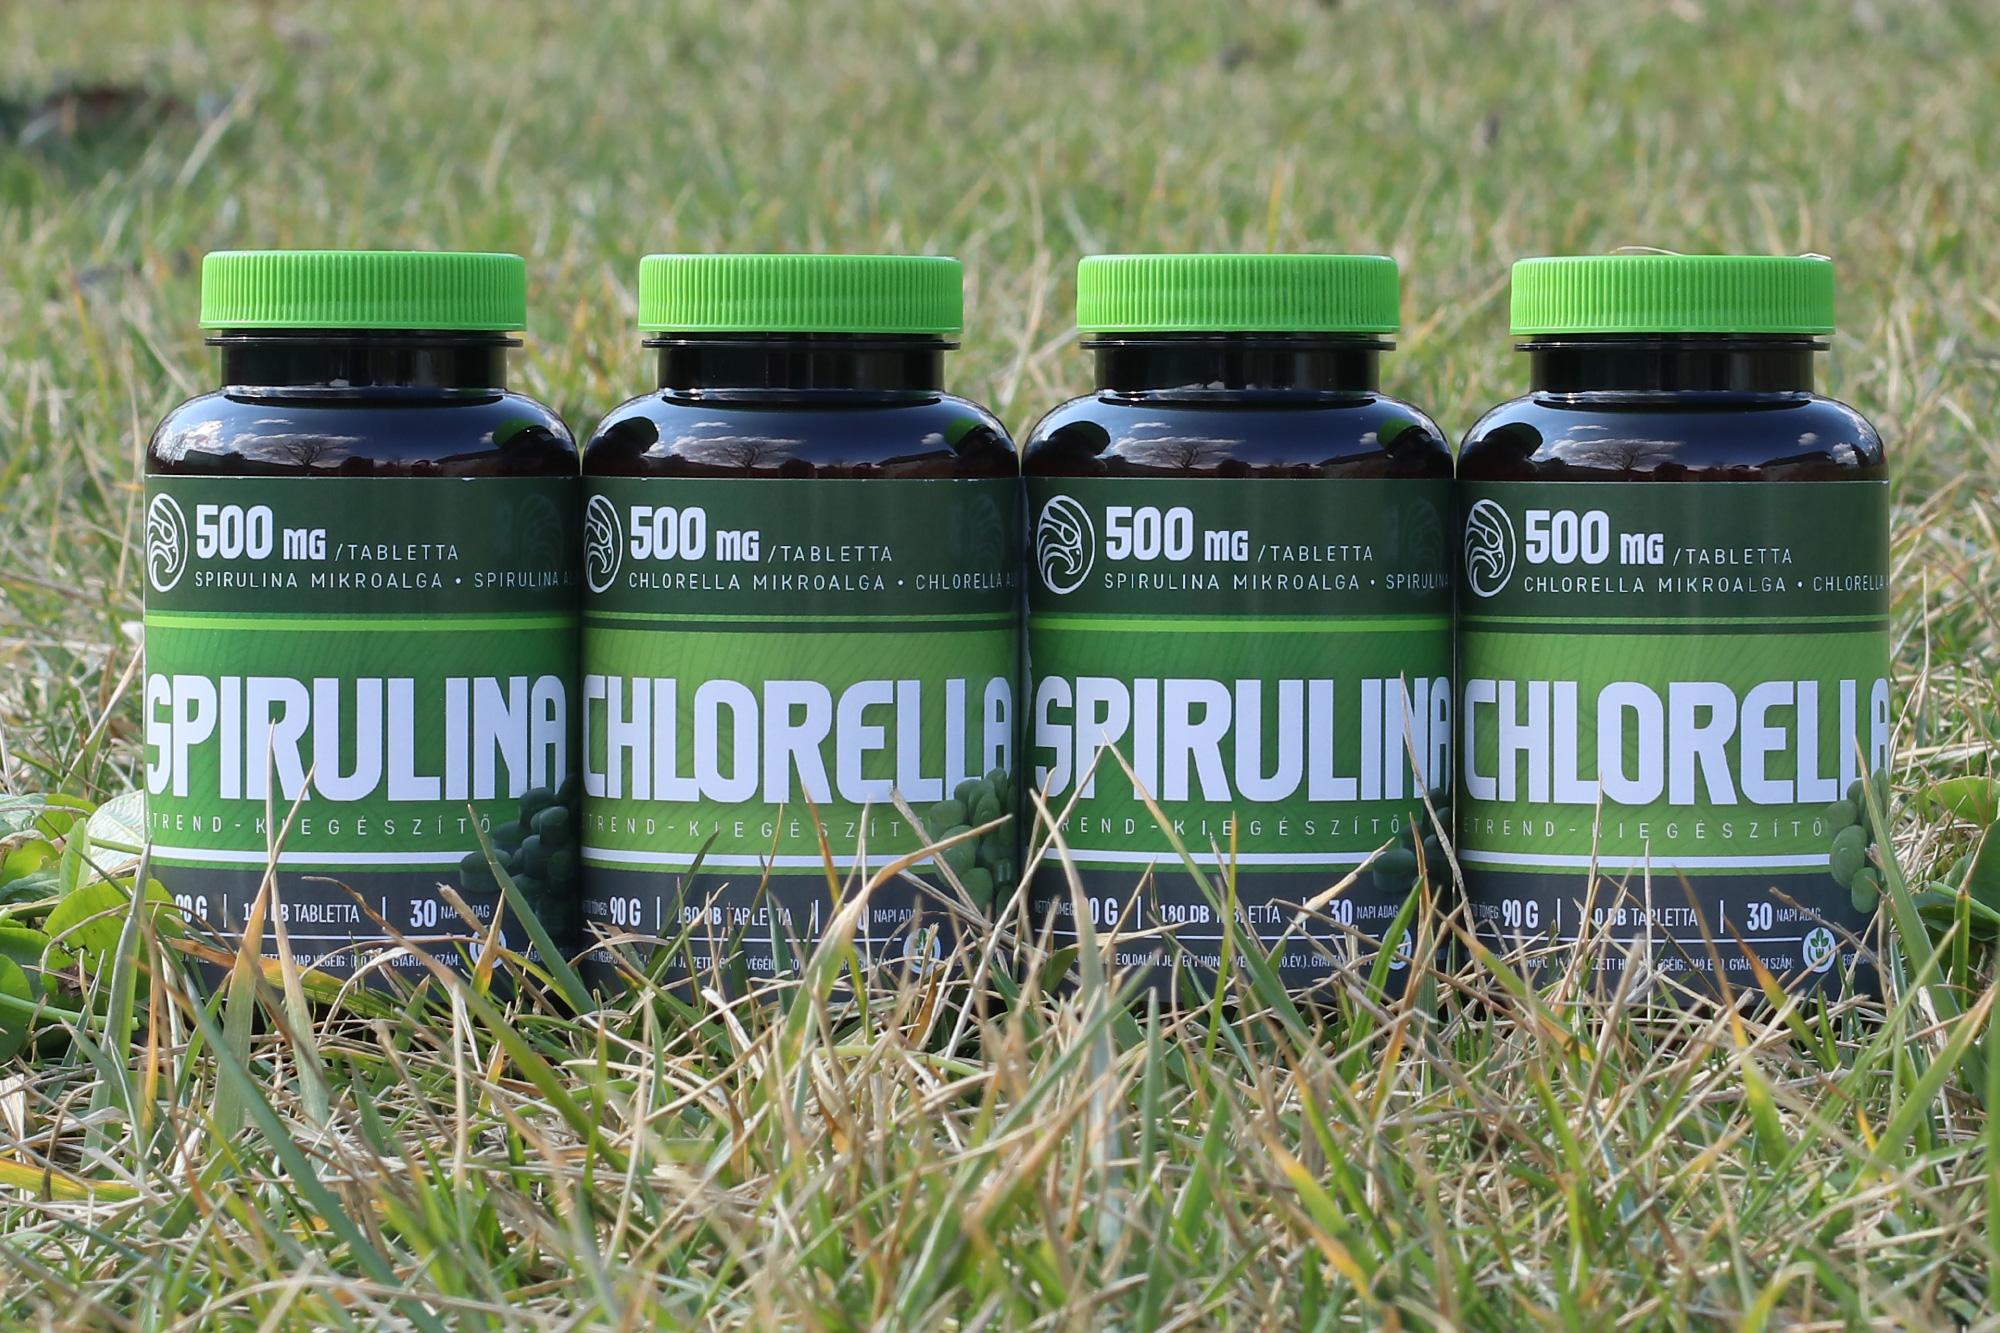 spirulina és magas vérnyomás az elhízás magas vérnyomása a magas vérnyomás